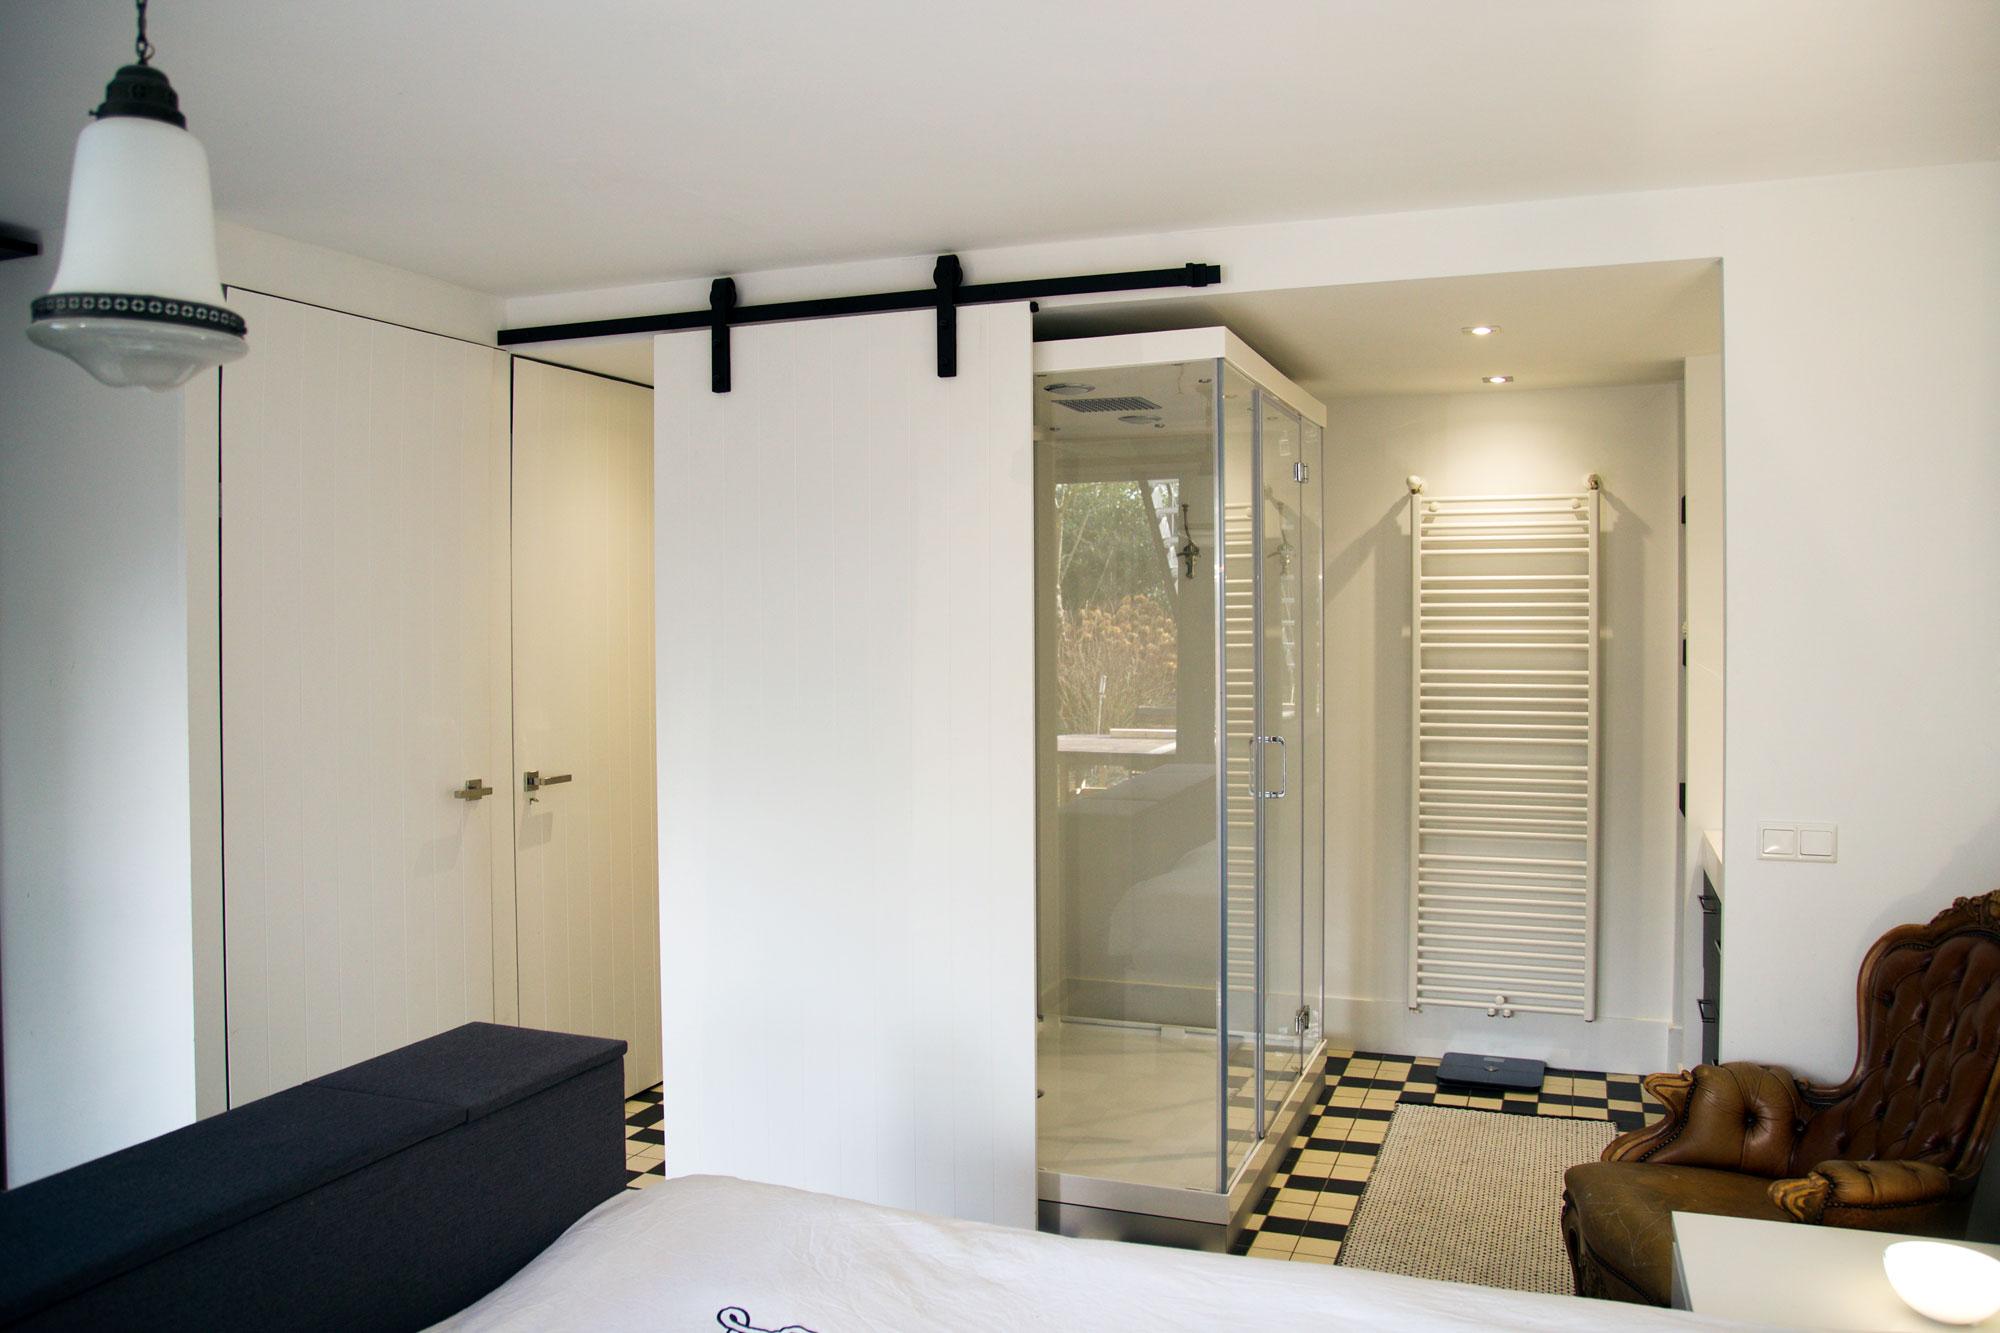 slaapkamermetbadkameringeel  Blos Interieur